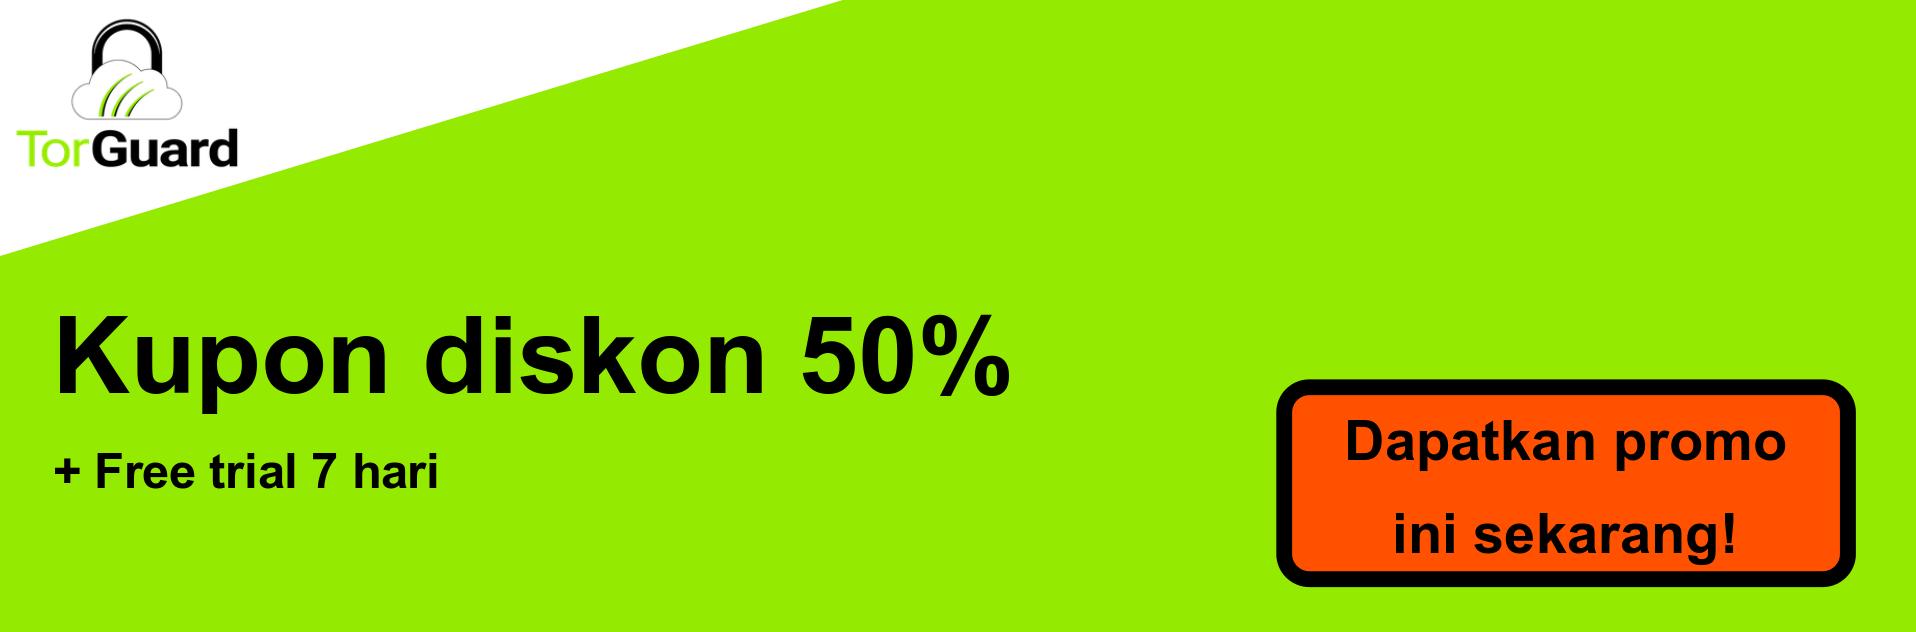 Spanduk kupon VPN TorGuard - diskon 50%